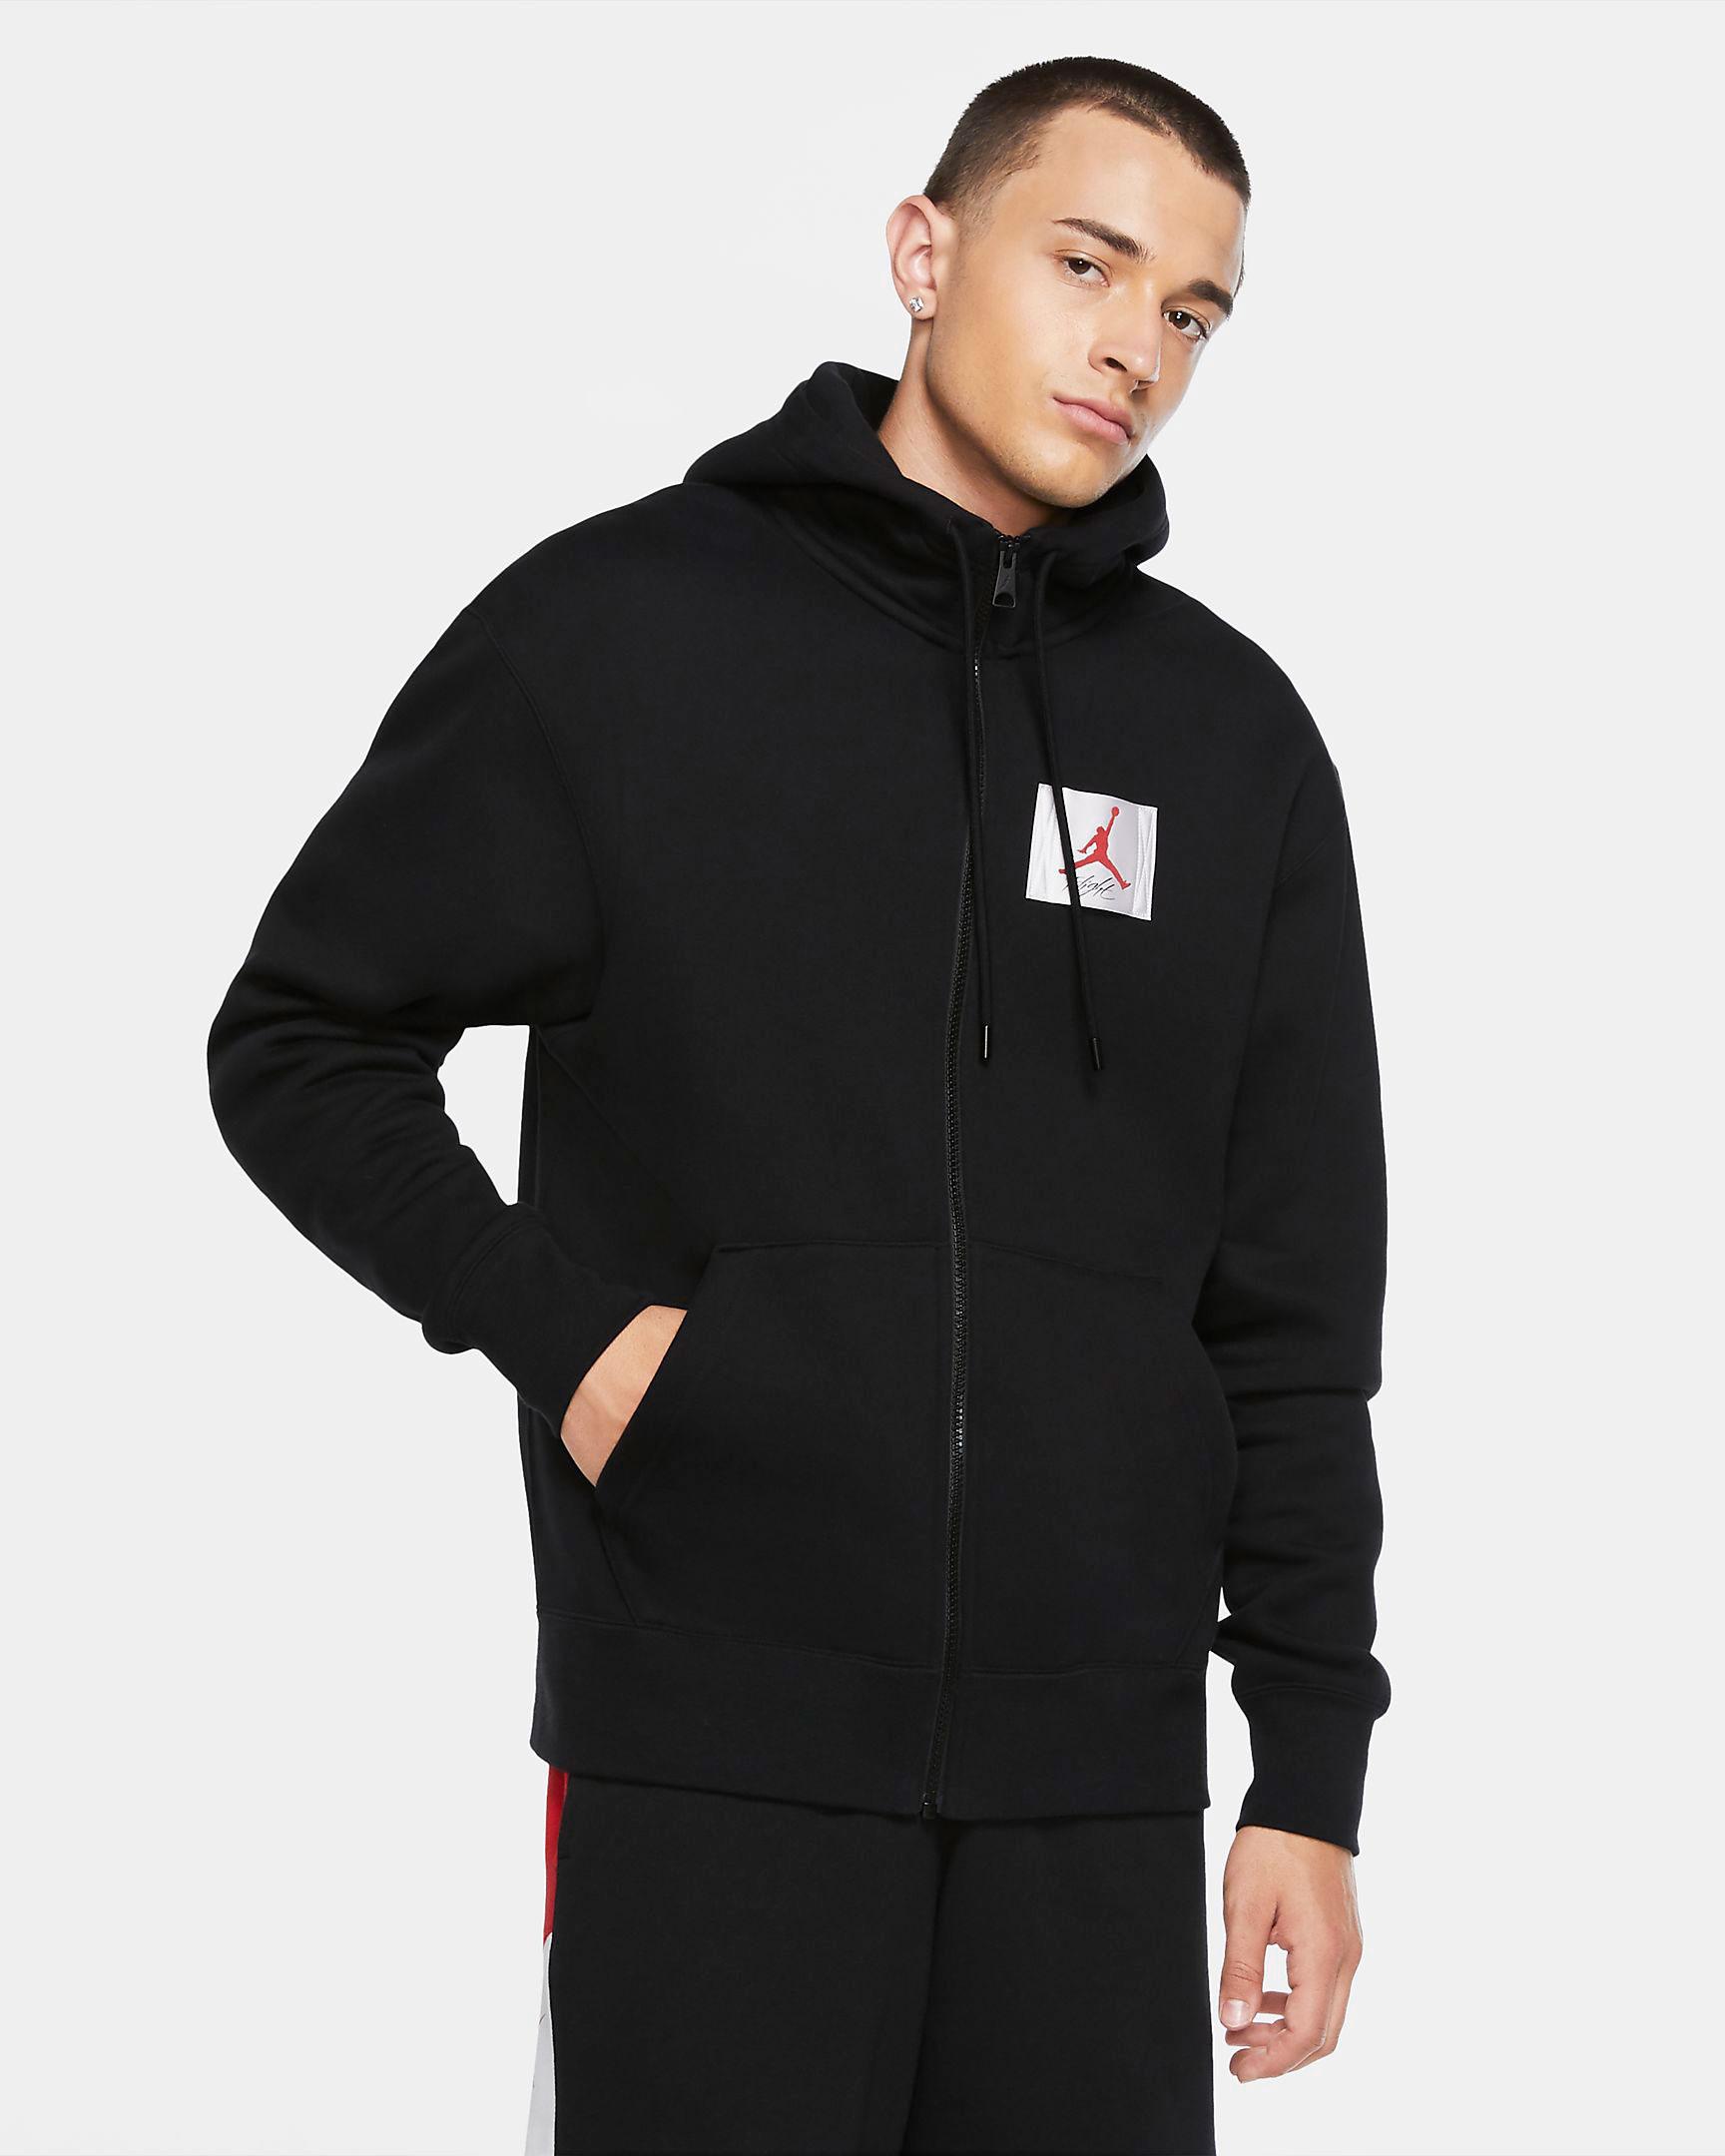 jordan-flight-zip-hoodie-black-red-1